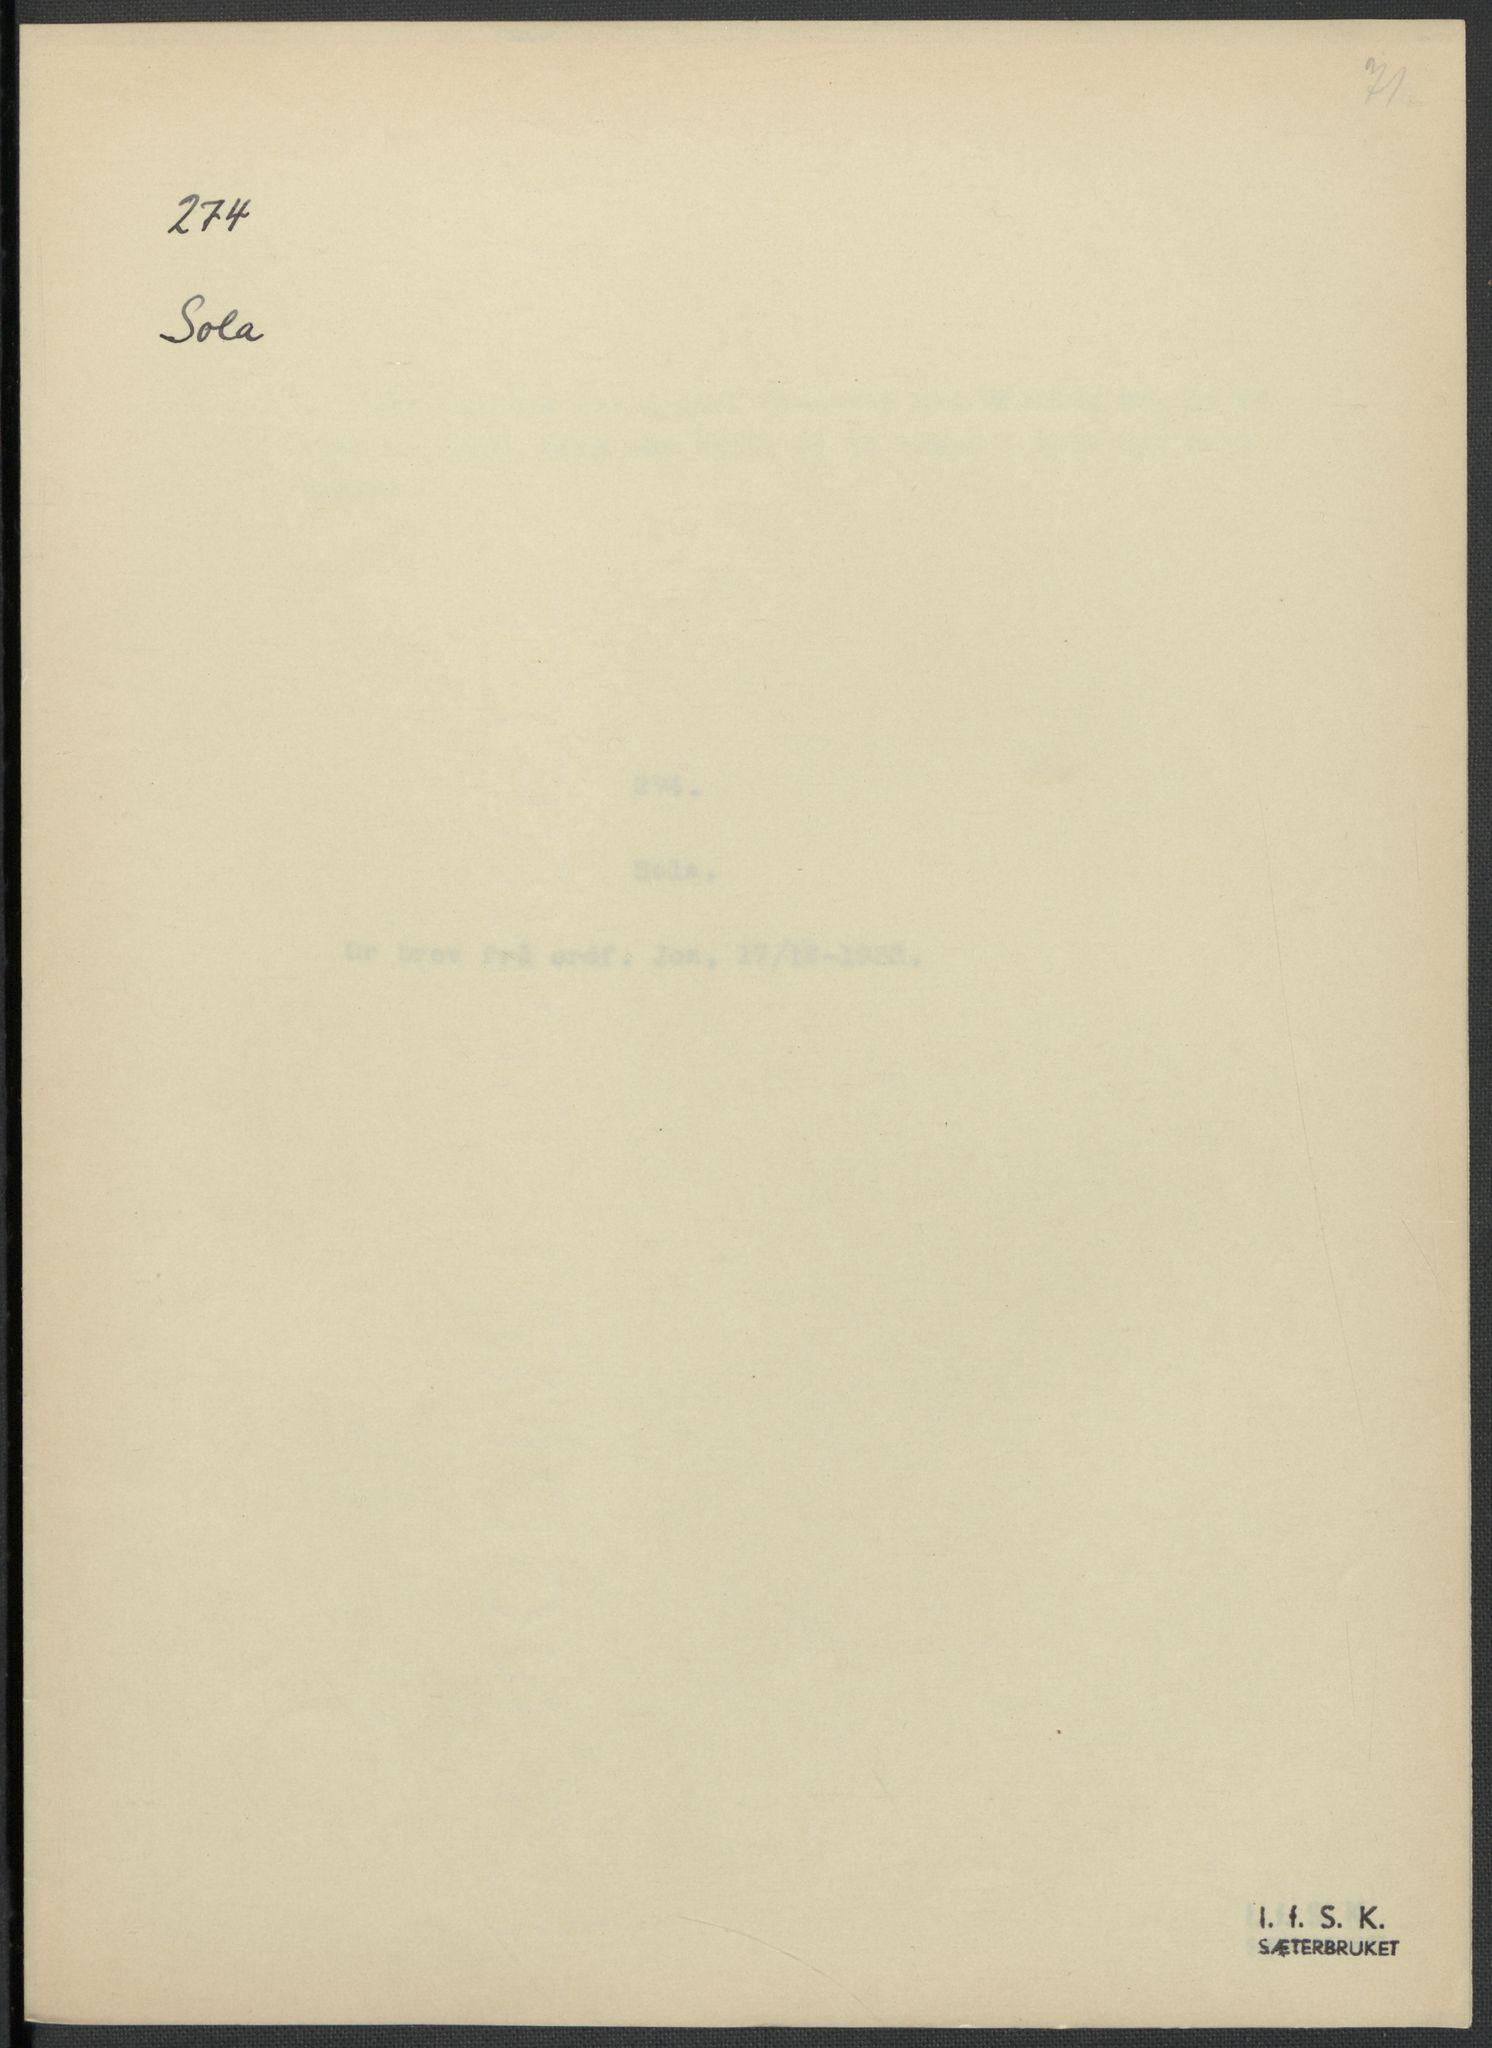 RA, Instituttet for sammenlignende kulturforskning, F/Fc/L0009: Eske B9:, 1932-1935, s. 71